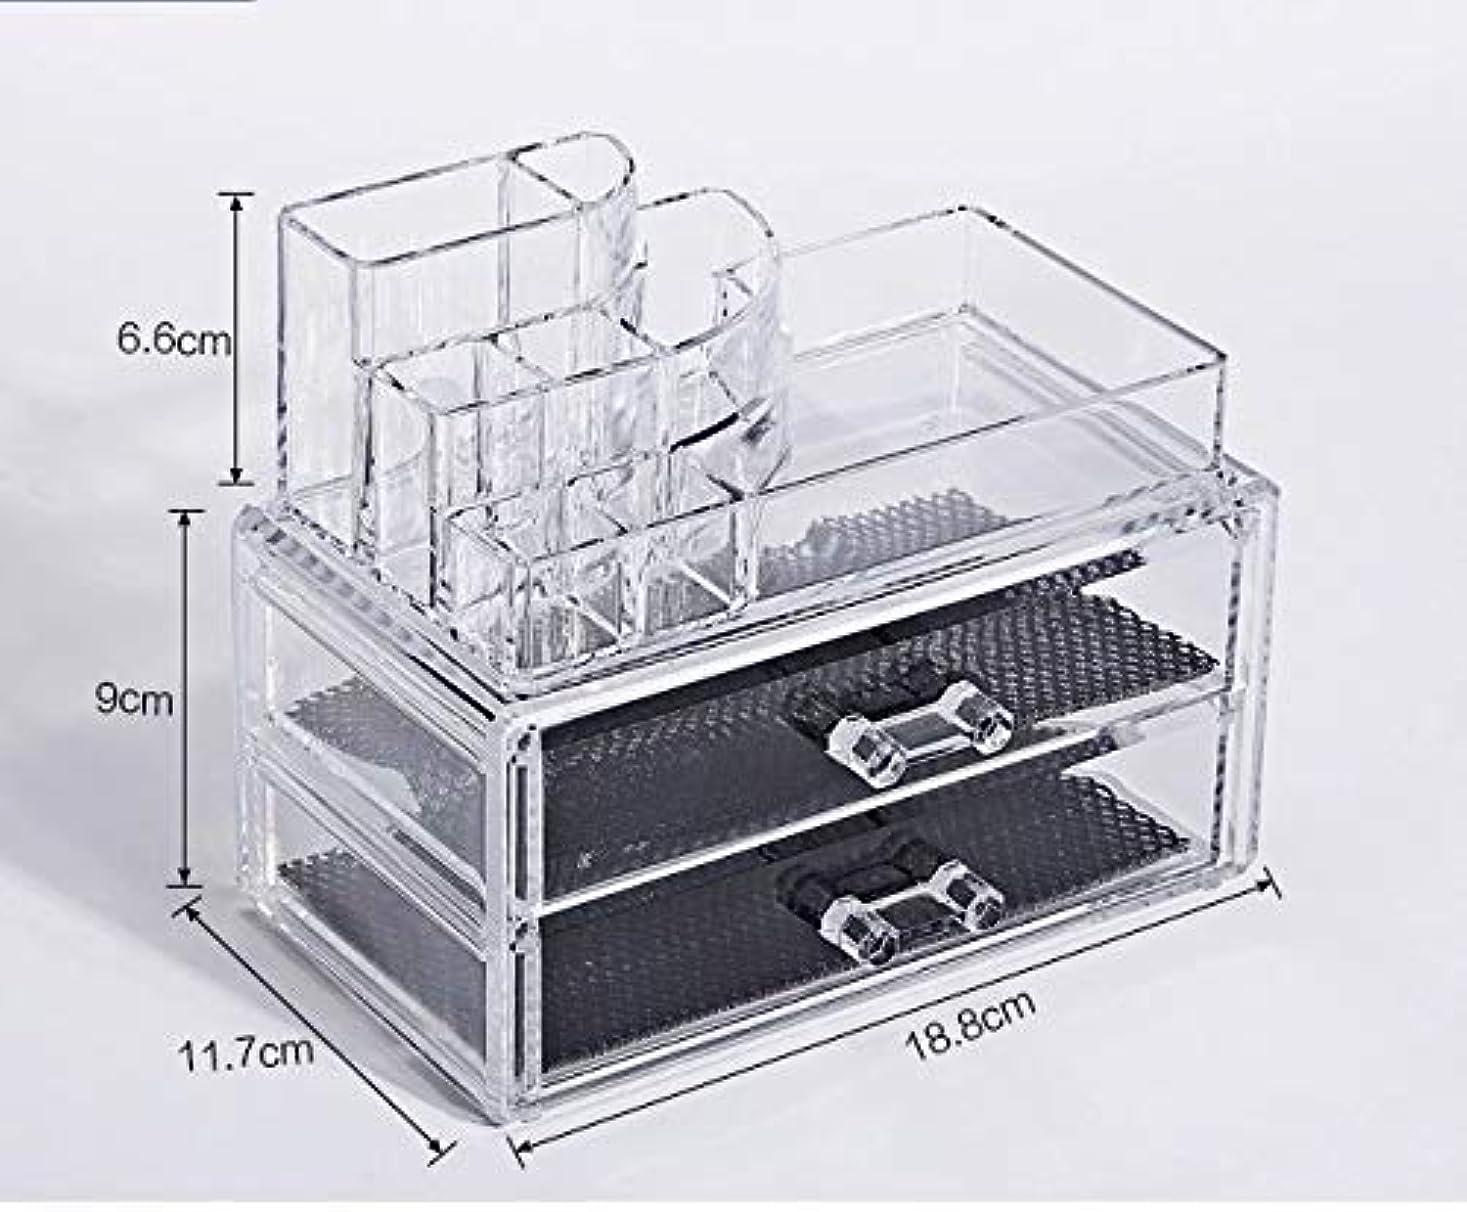 化粧品収納ボックス メイクボックス 化粧品 収納 ニオイなし 騒音なし 防塵 高透明度 強い耐久性